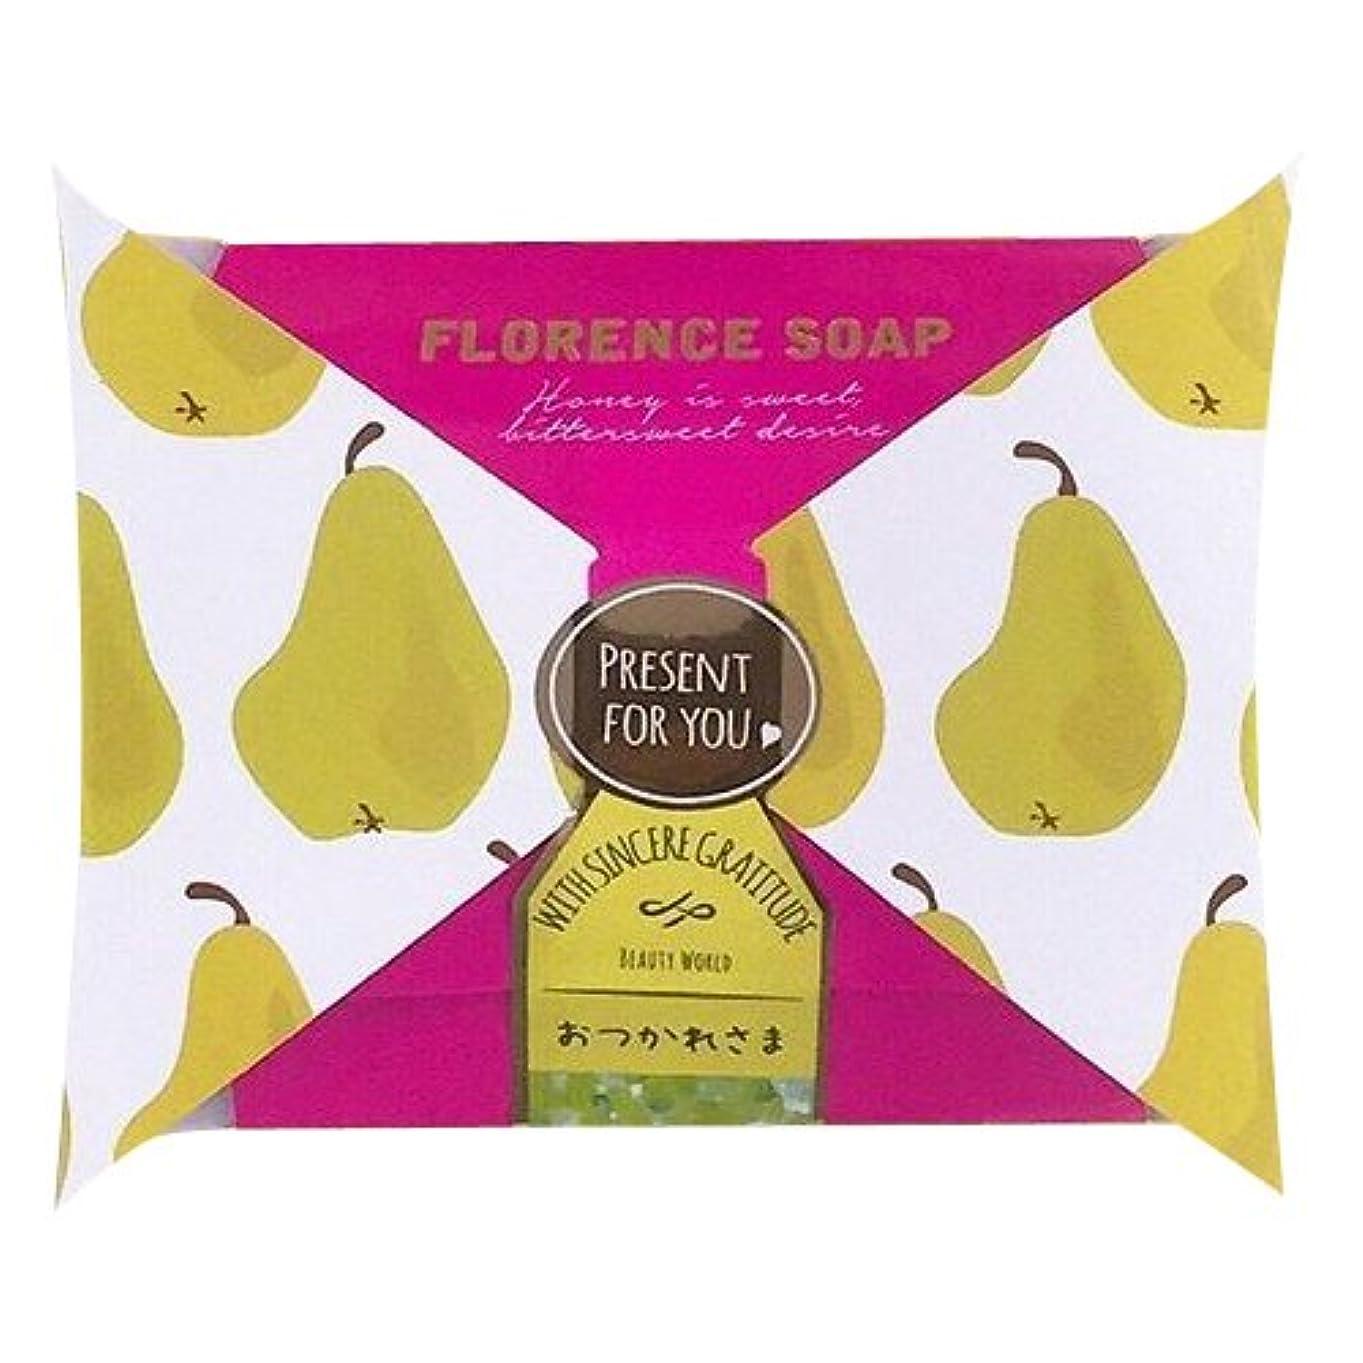 報復する代替広大なBW フローレンスの香り石けん リボンパッケージ FSP386 密の甘く切ない願い (35g)